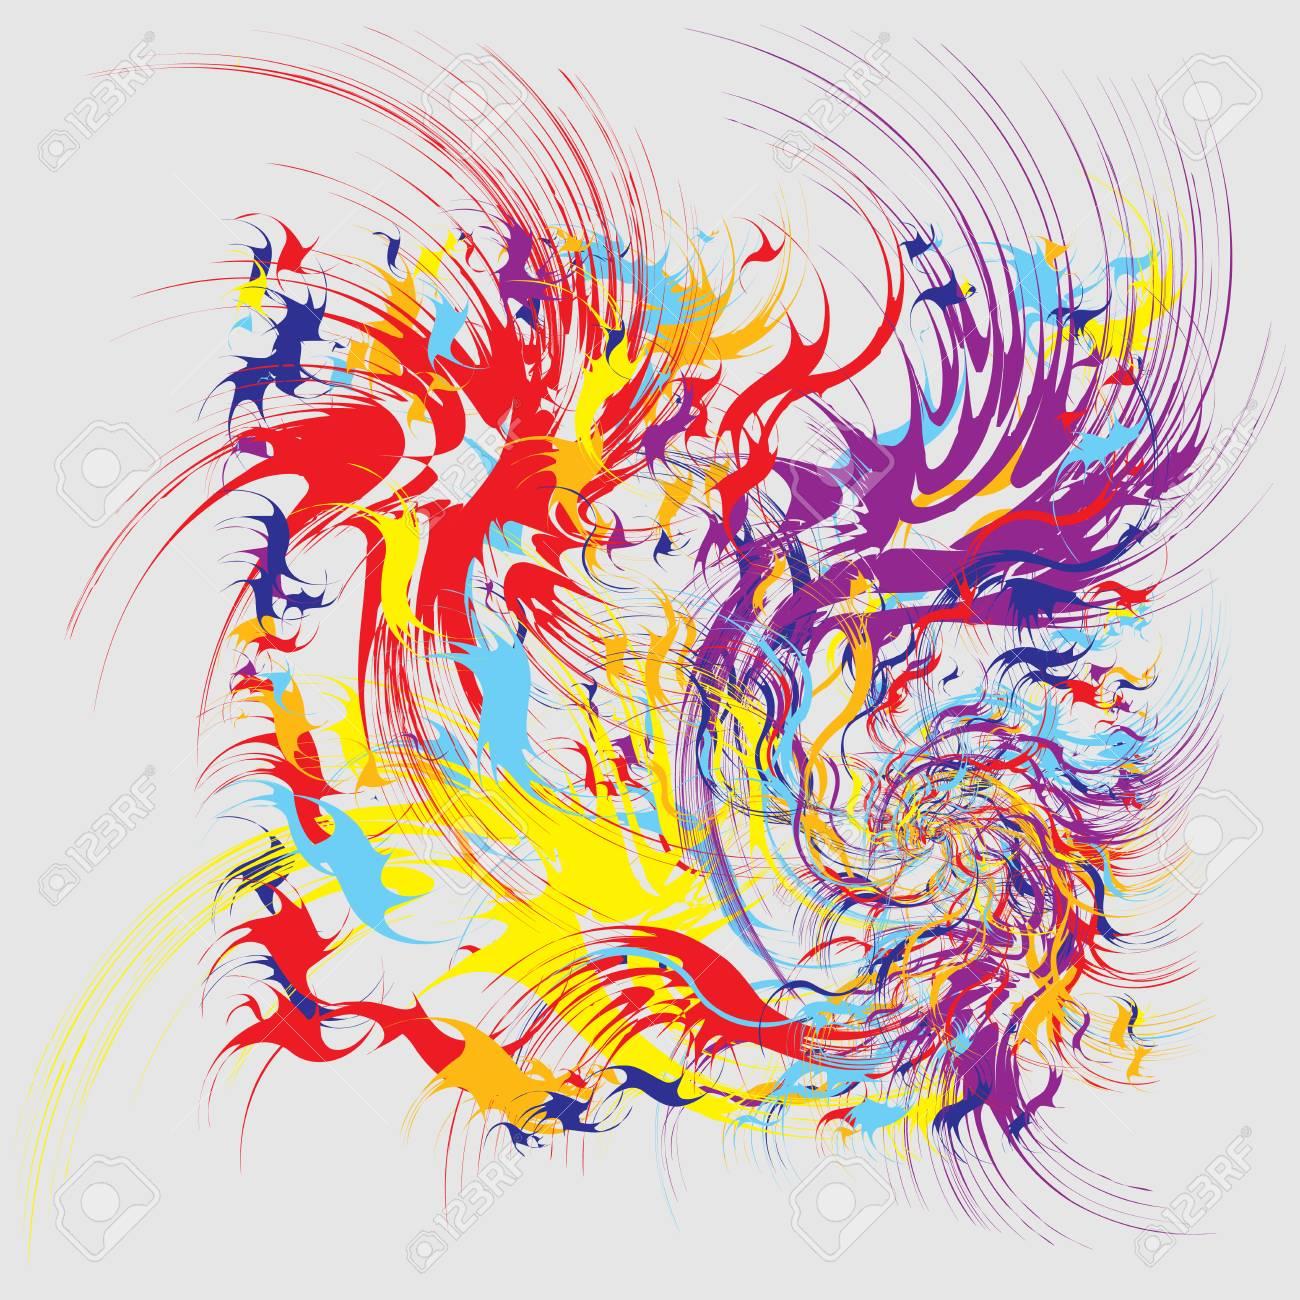 Verwonderlijk Verfspatten, Verfspatten Vormen, Mode Abstracte Kunst. Splash TN-52